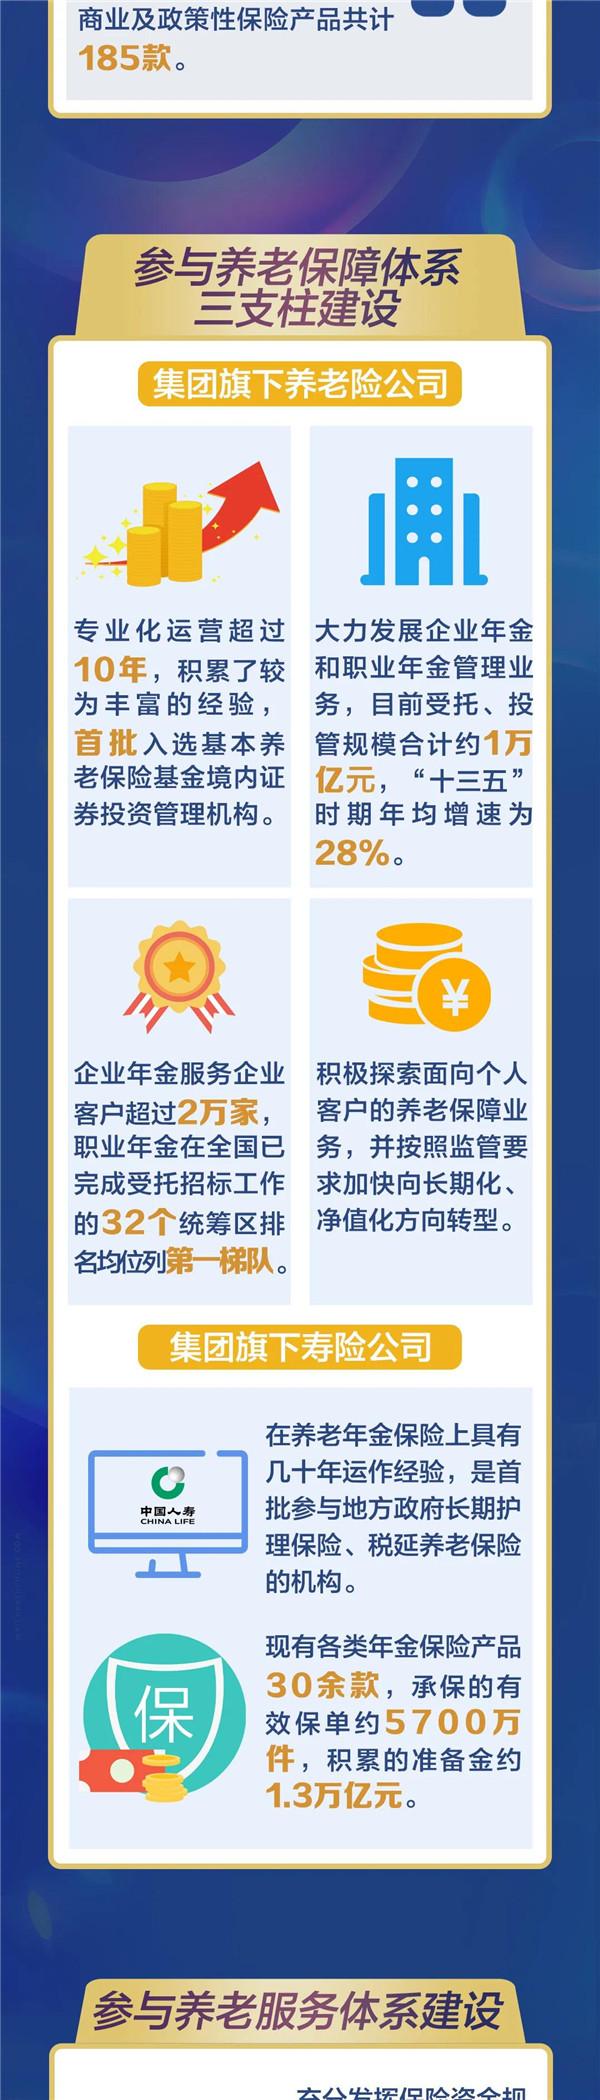 20210406中国人寿多层次社会保障体系-2.jpg